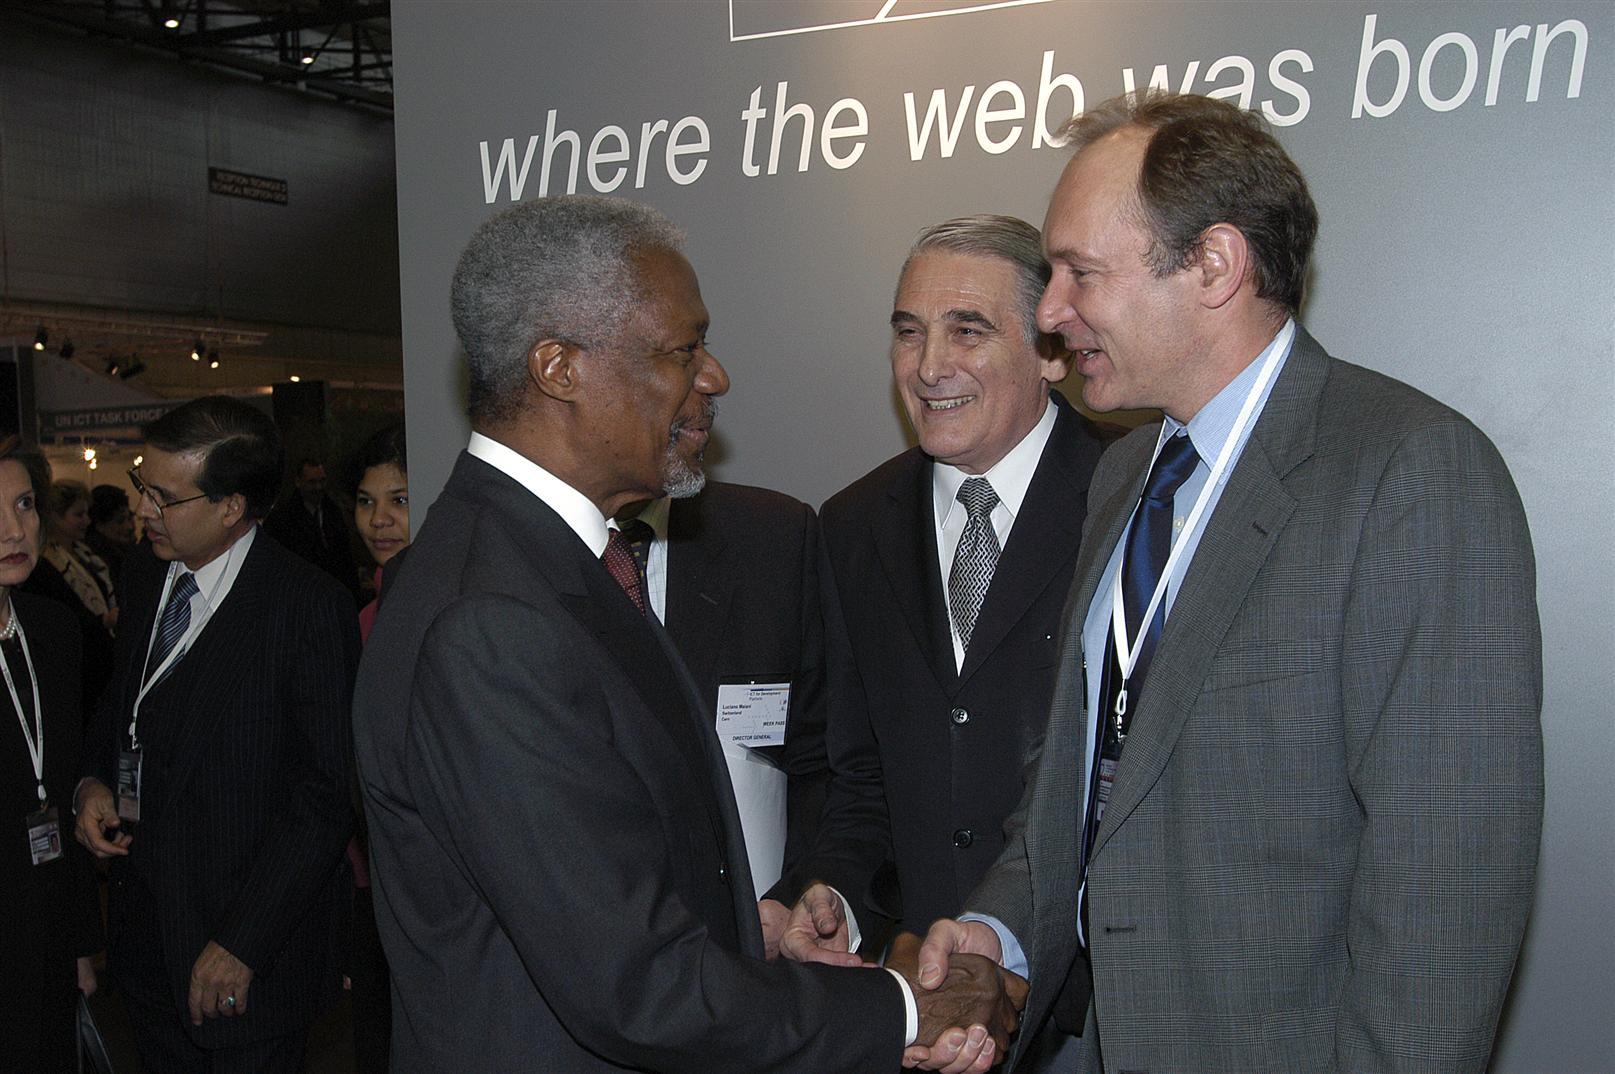 Tim Berners-Lee en 2003 estrechando la mano de Kofi Annan, secretario general de Naciones Unidas (1997-2006).